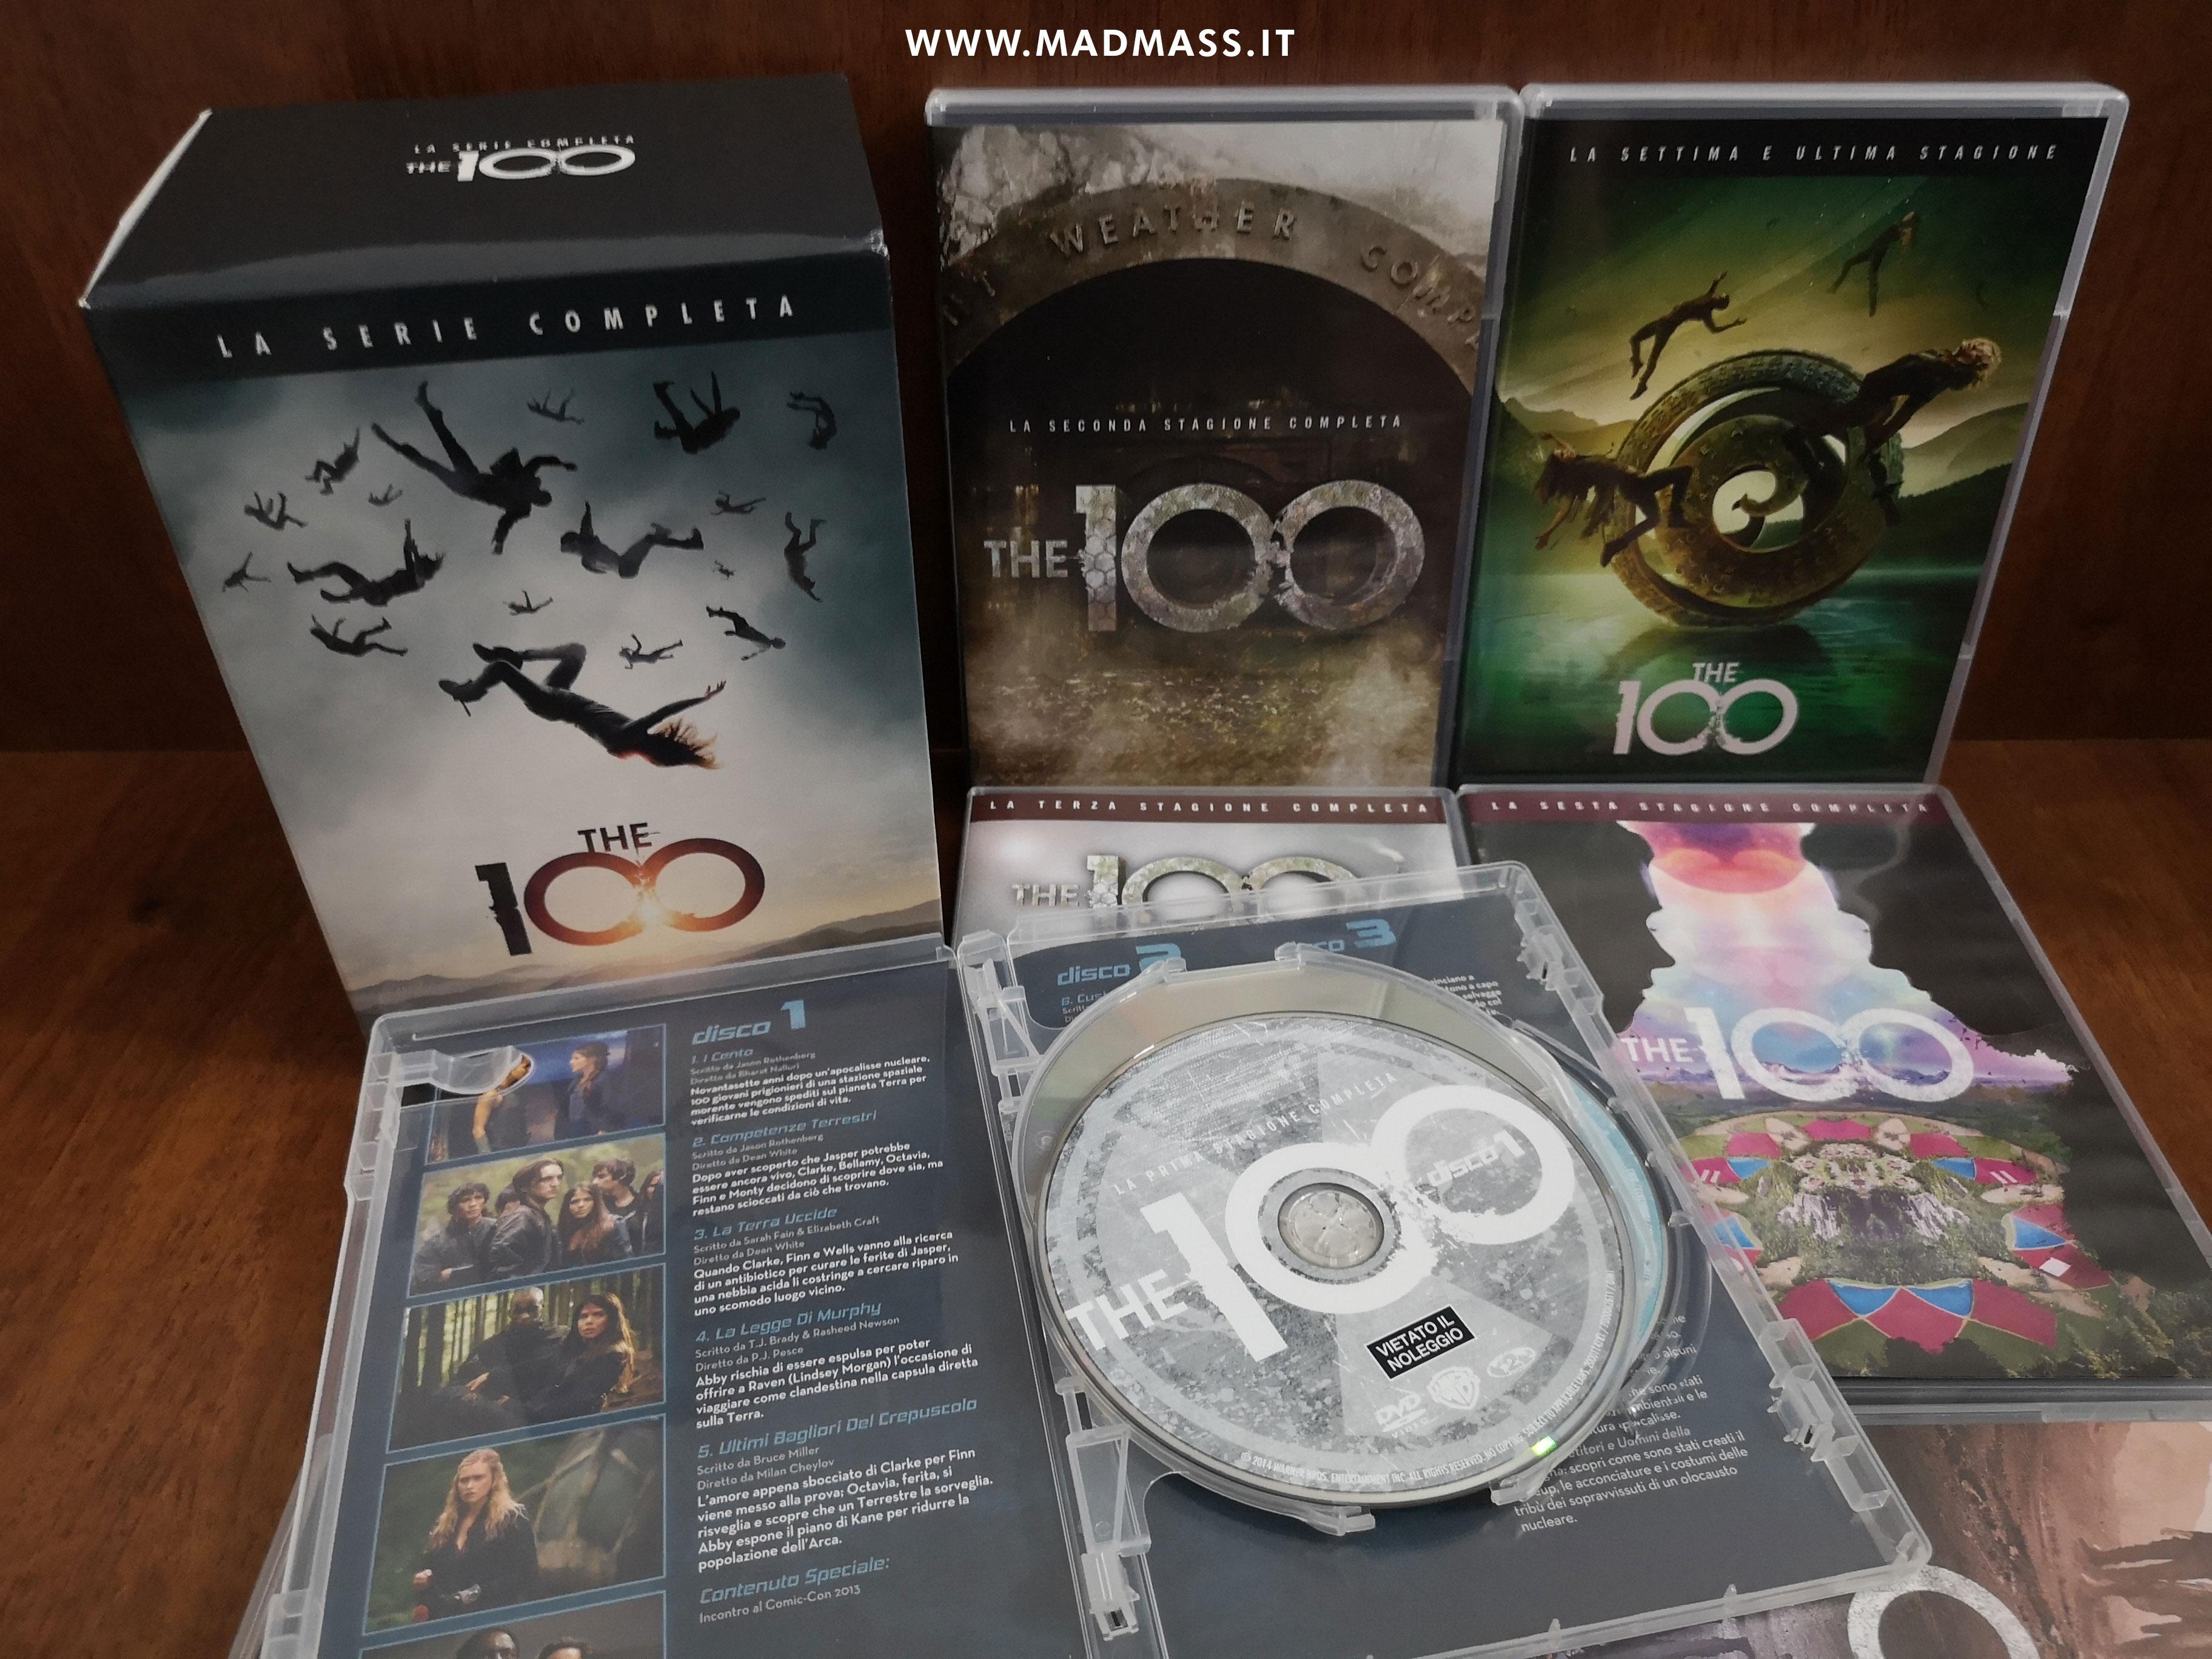 The 100 - La serie completa DVD recensione unboxing cofanetto home video stagioni 1-7